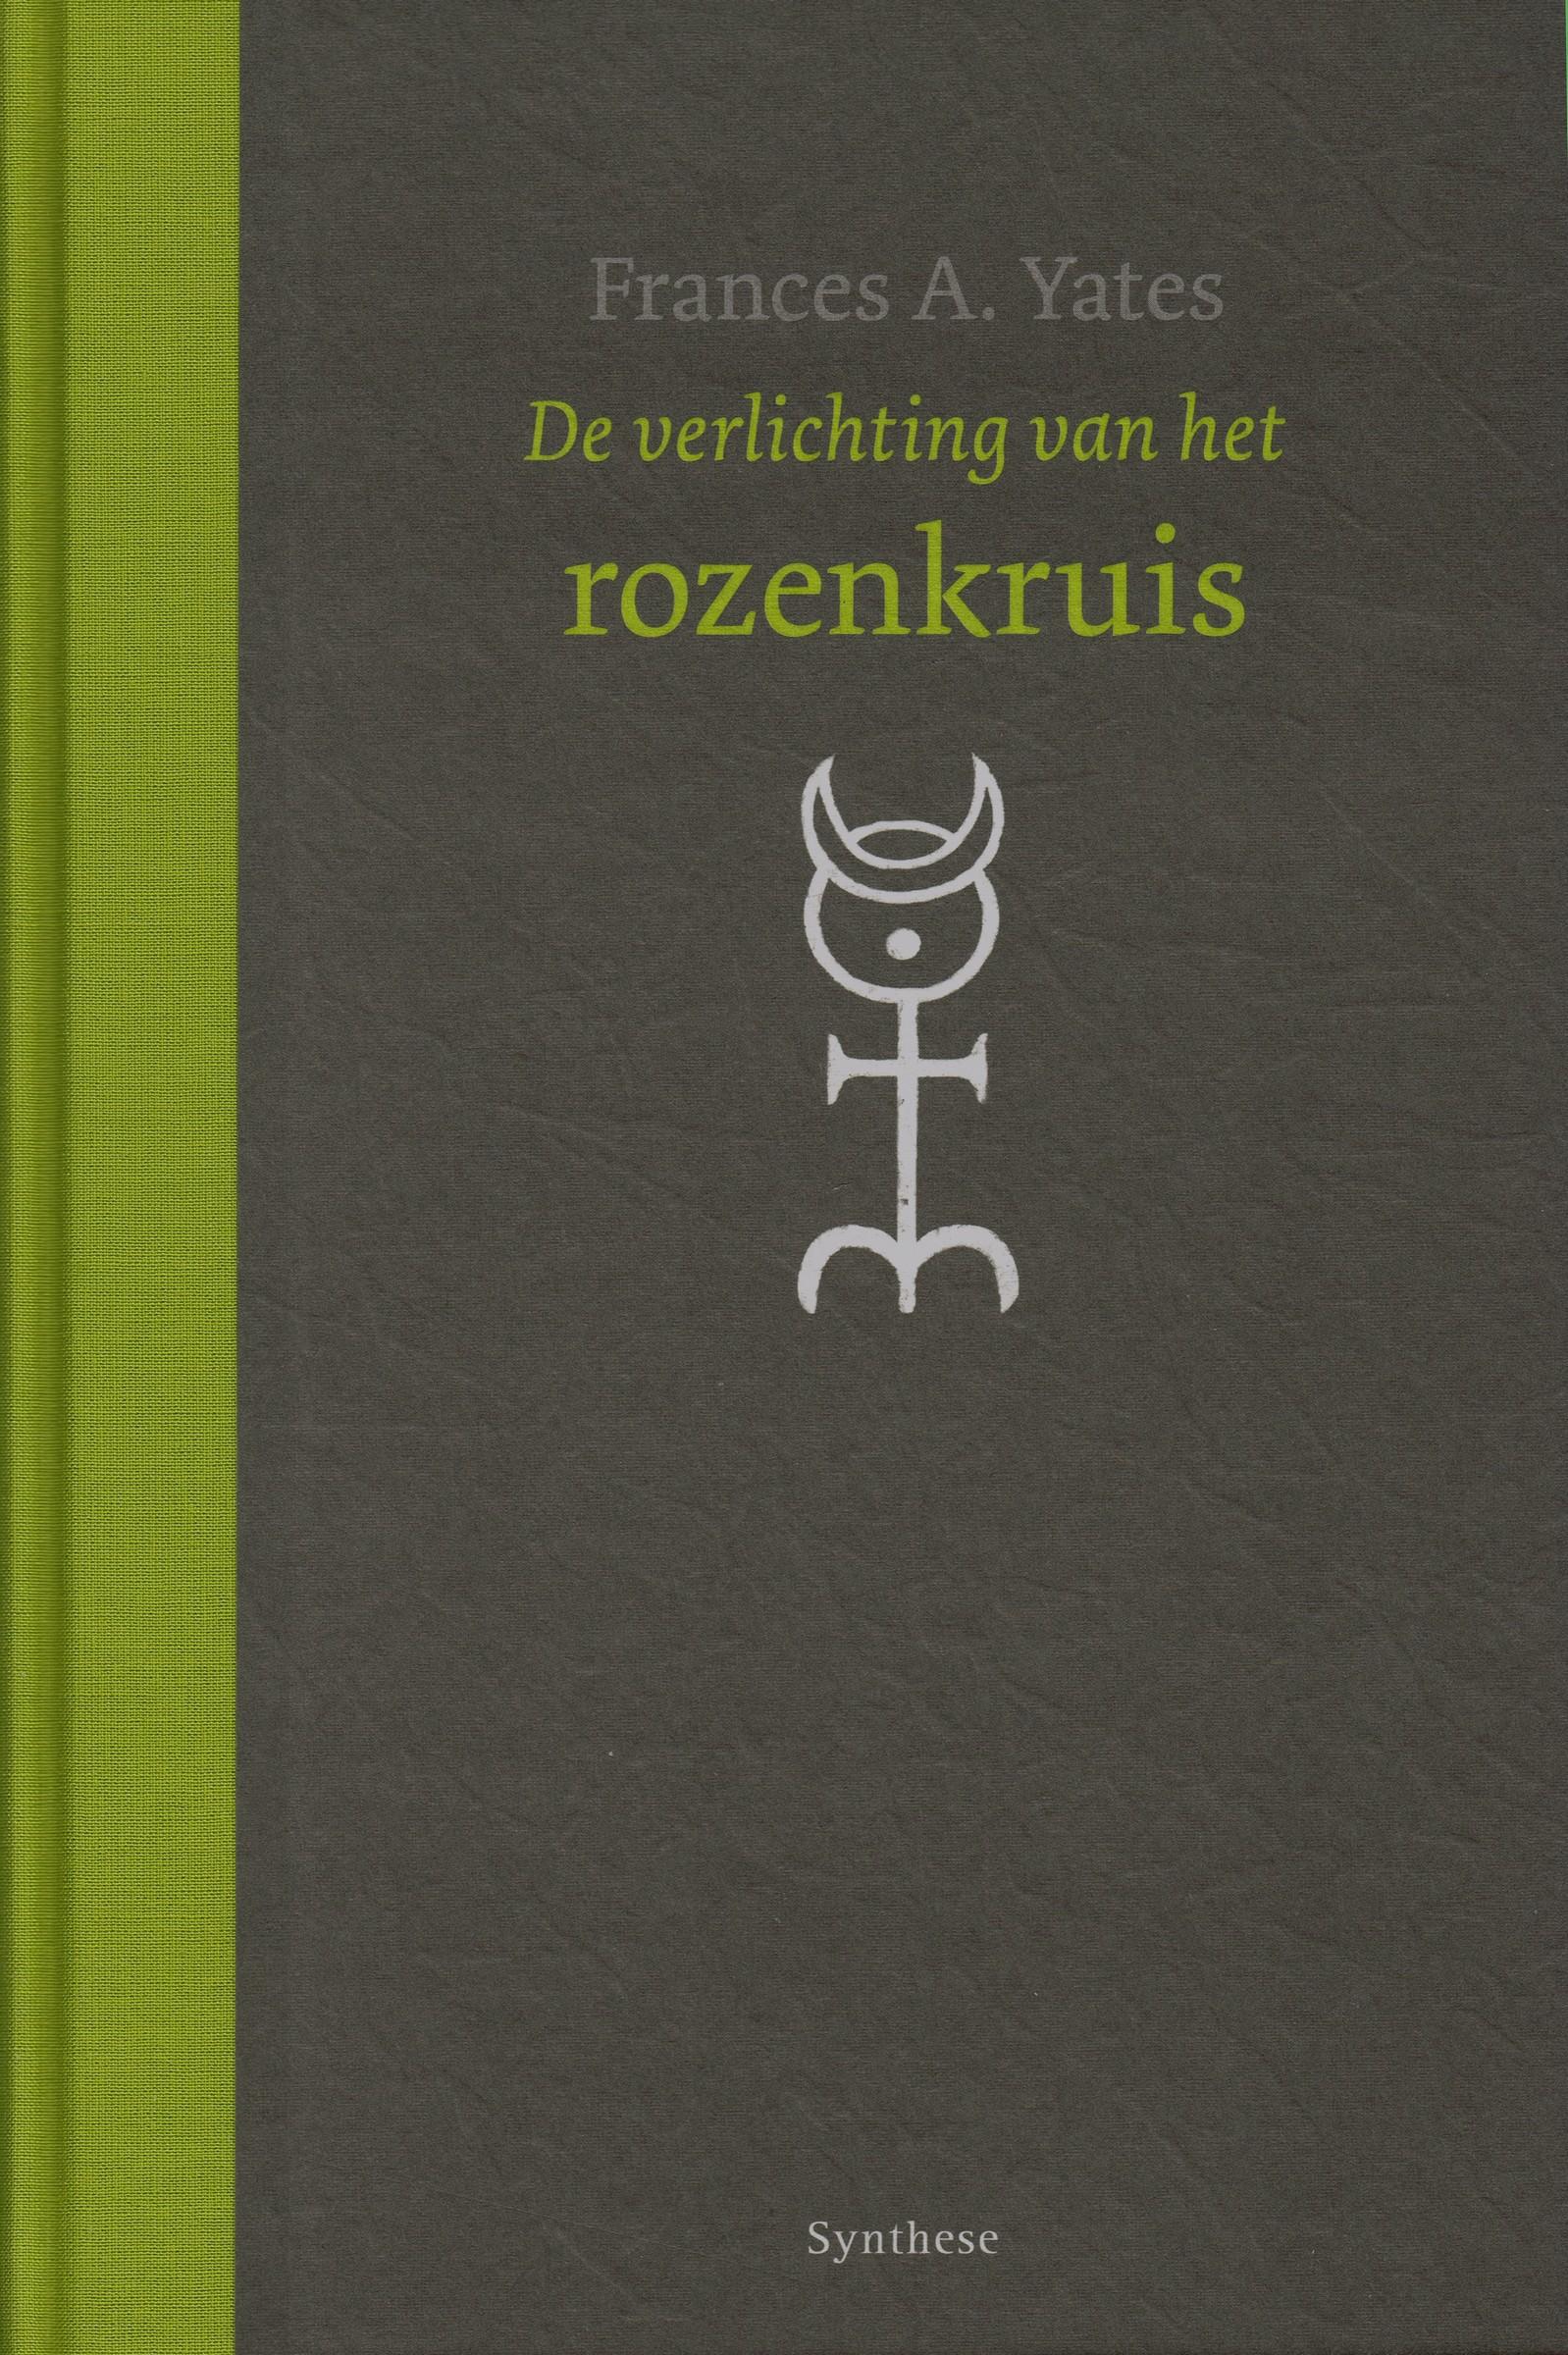 De verlichting van het Rozenkruis op Ramsj.nl